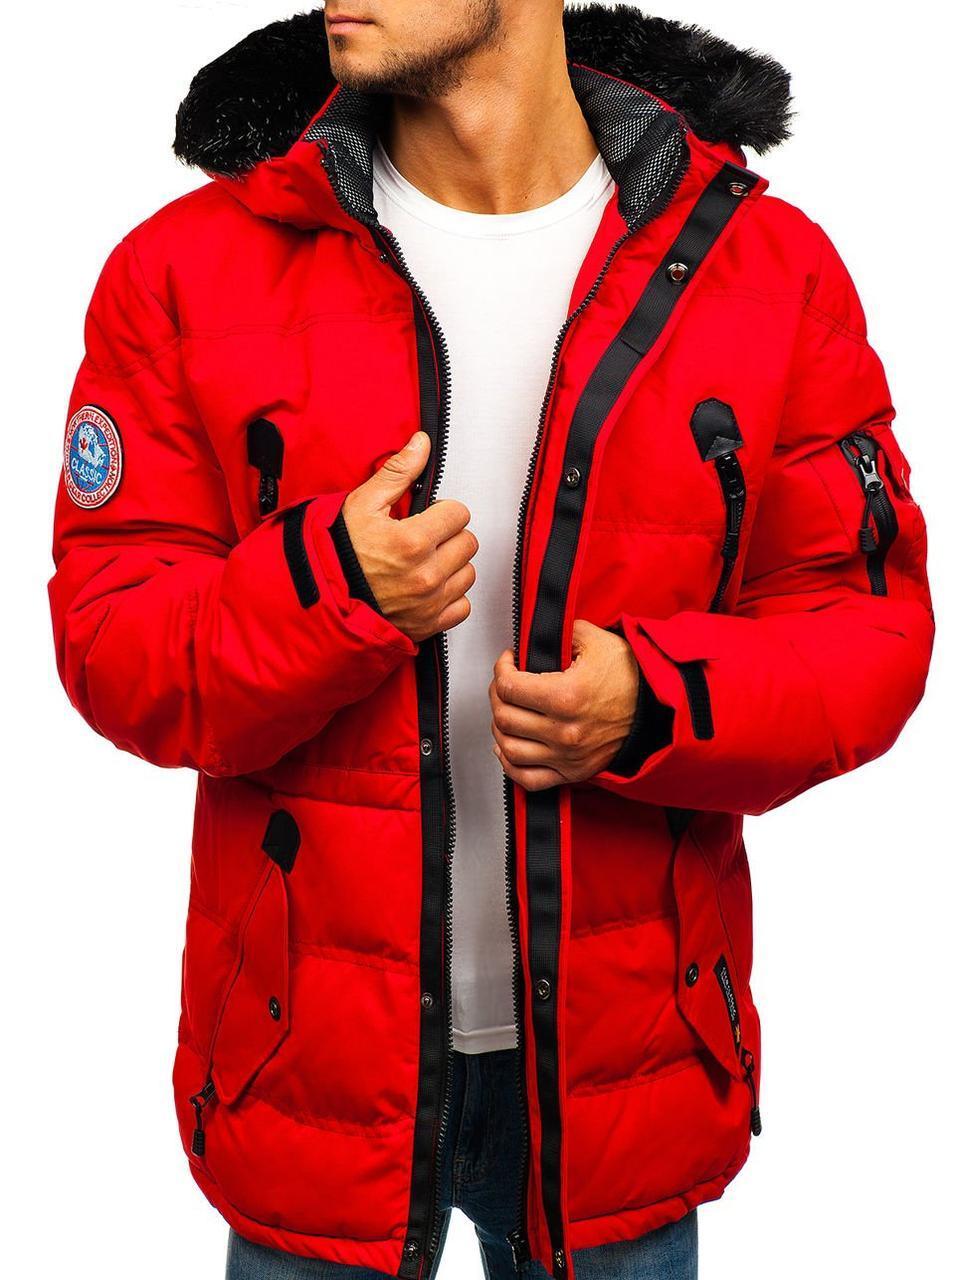 Мужская спортивная зимняя стёганая куртка с капюшоном Красный